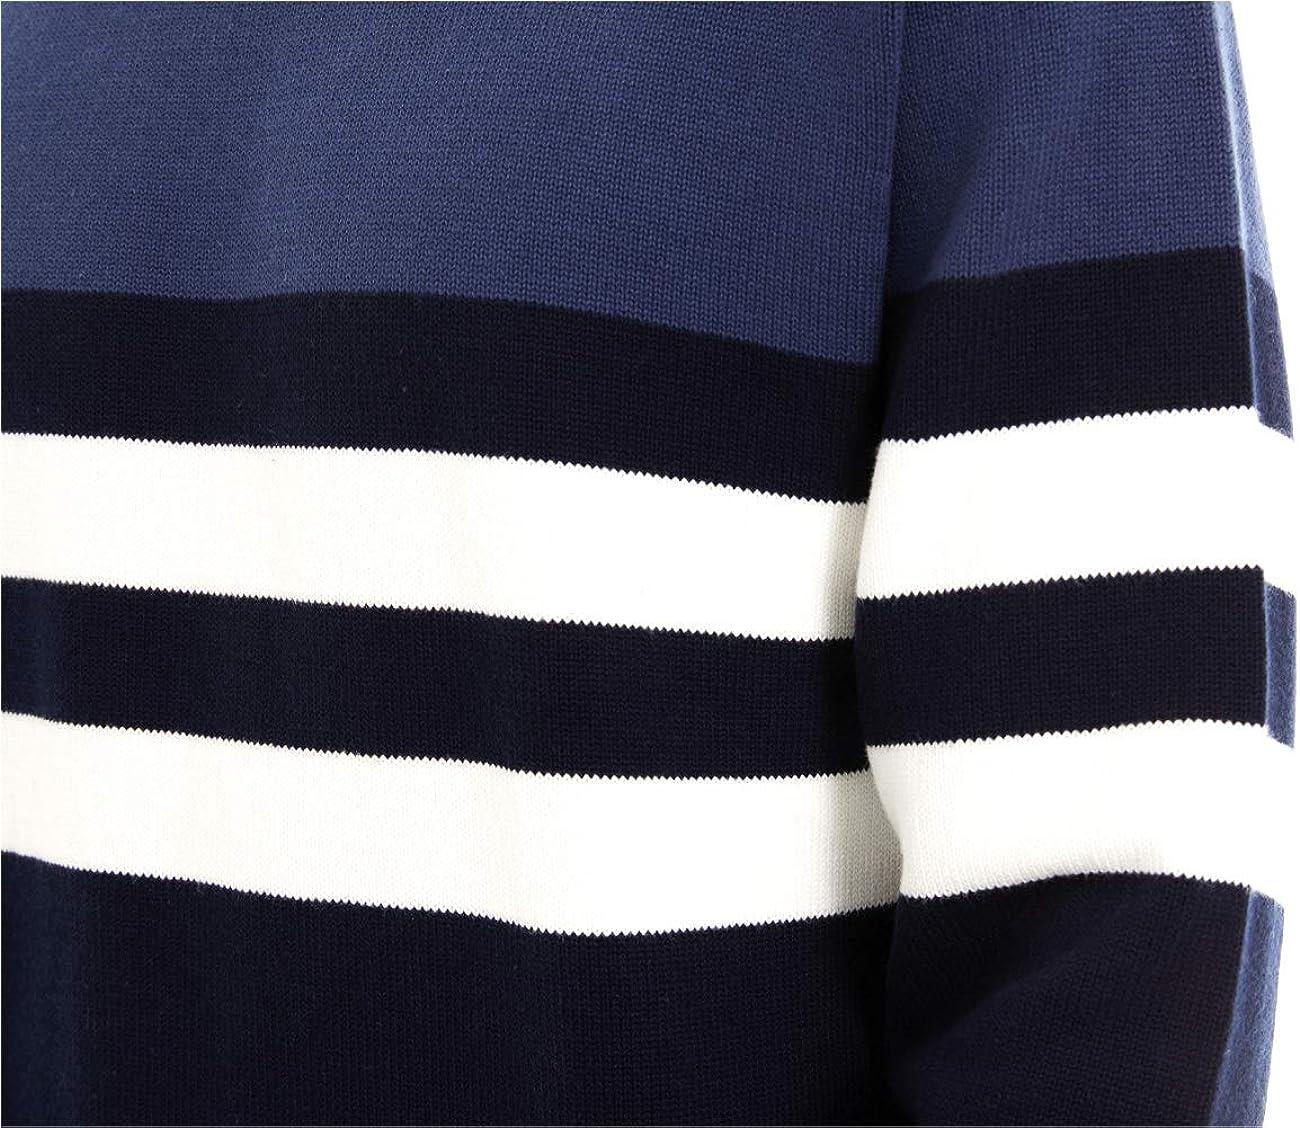 EKLENTSON Herren Colorblock Winterpullover Strickpullover Langarm Sweater Warm-Cotton mit Rundhalsausschnitt Olivgrün